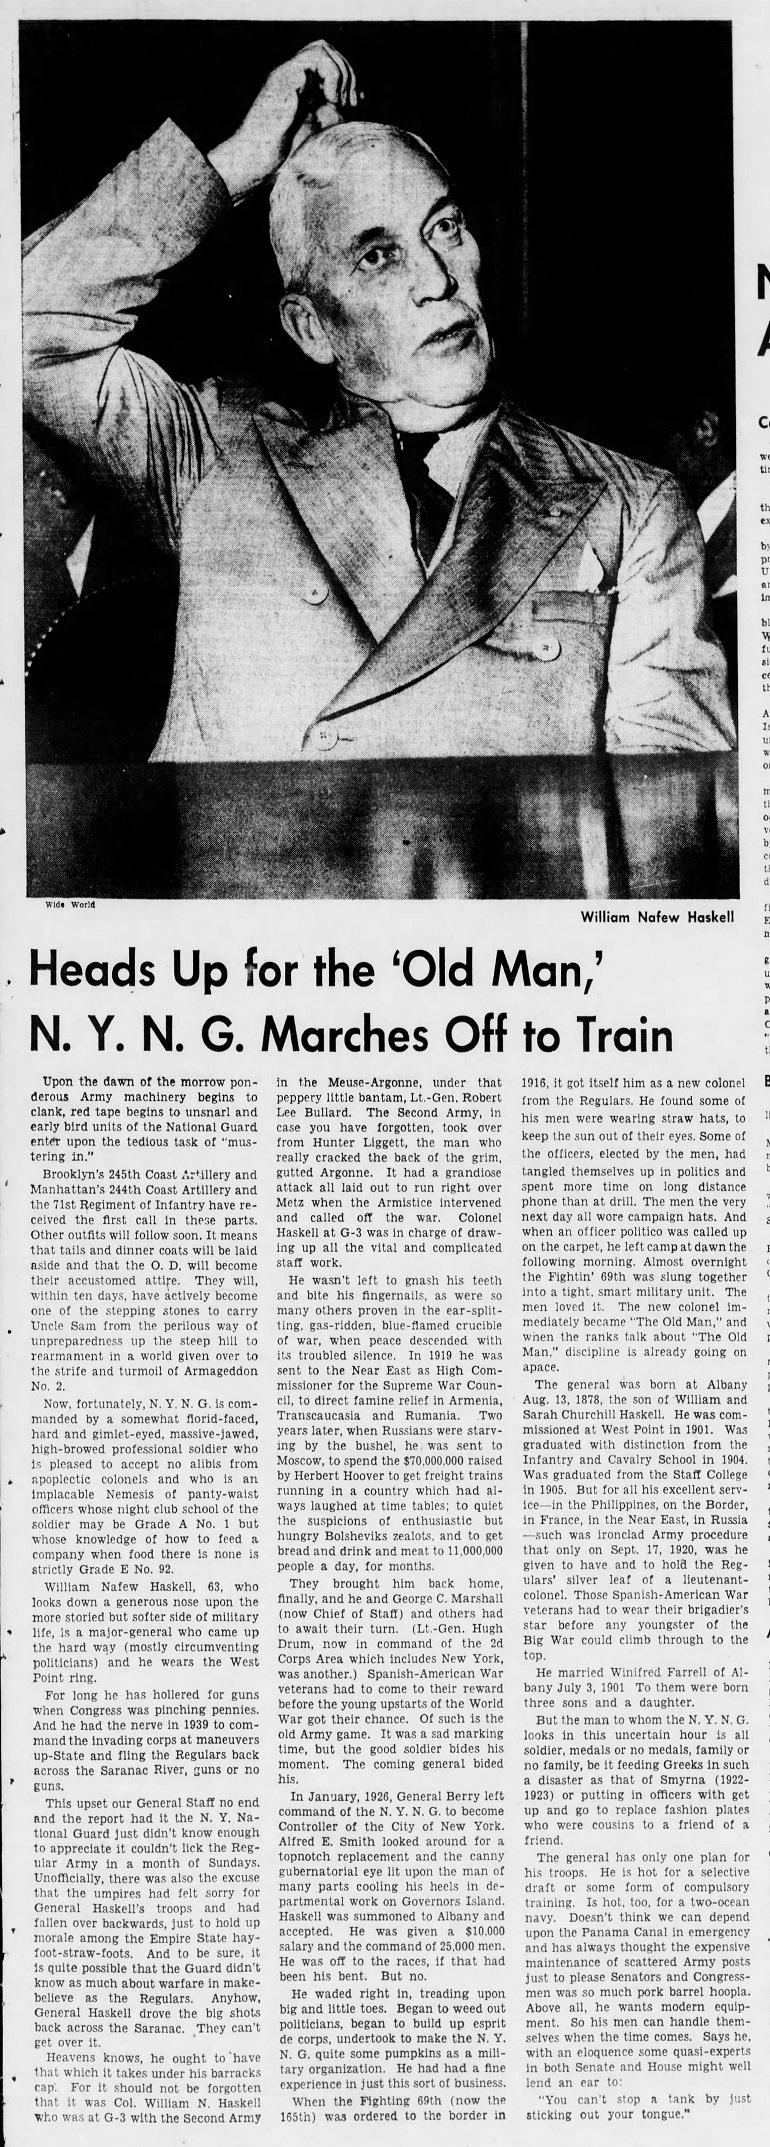 The_Brooklyn_Daily_Eagle_Sun__Sep_15__1940_(3).jpg